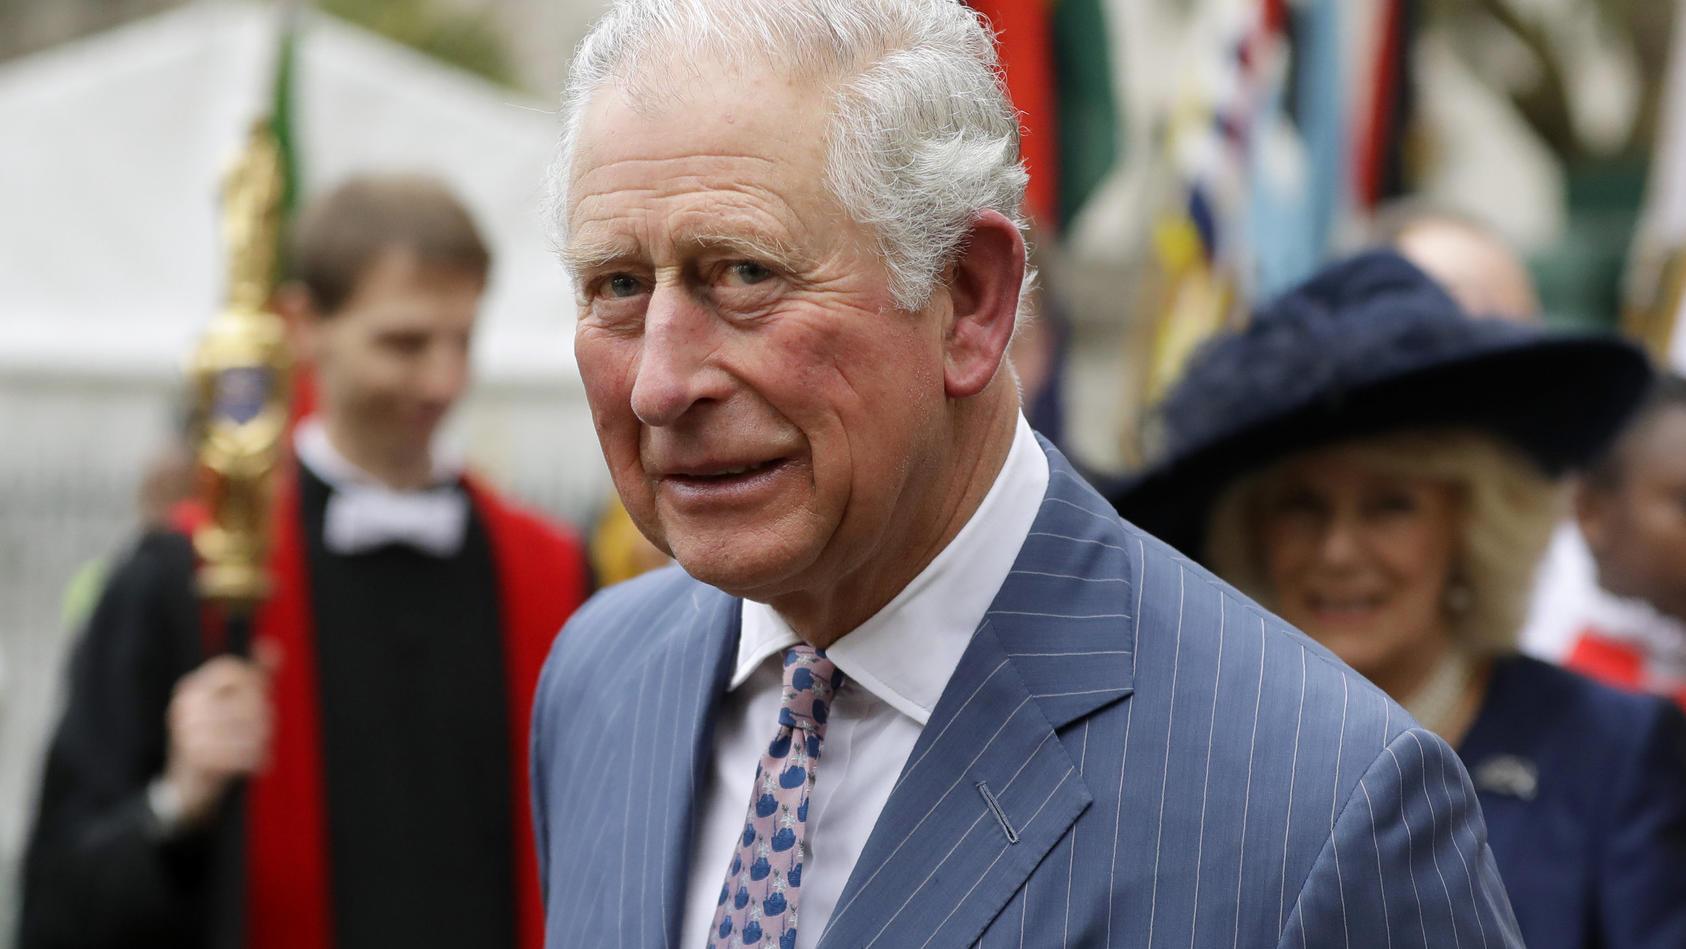 Prinz Charles wünscht sich offenbar eine Versöhnung.